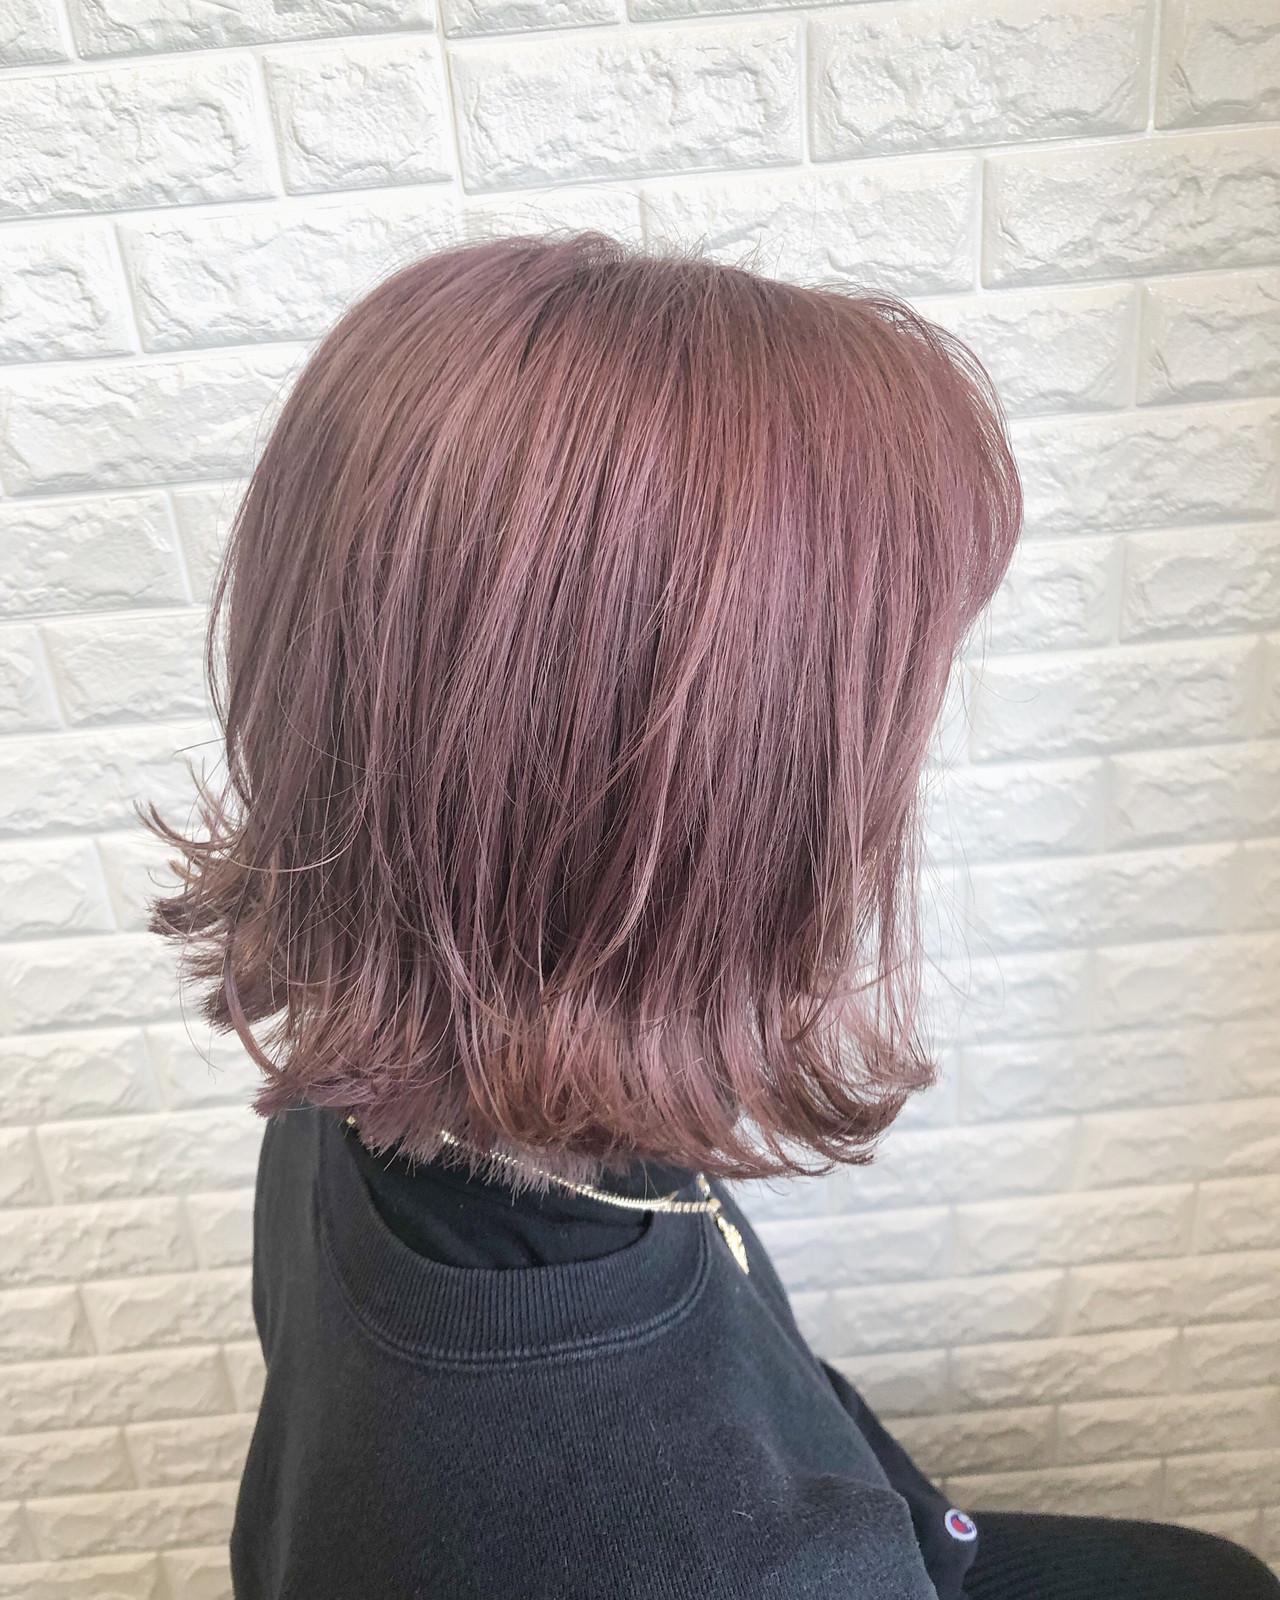 外ハネボブ ボブ フェミニン クリーミーカラー ヘアスタイルや髪型の写真・画像